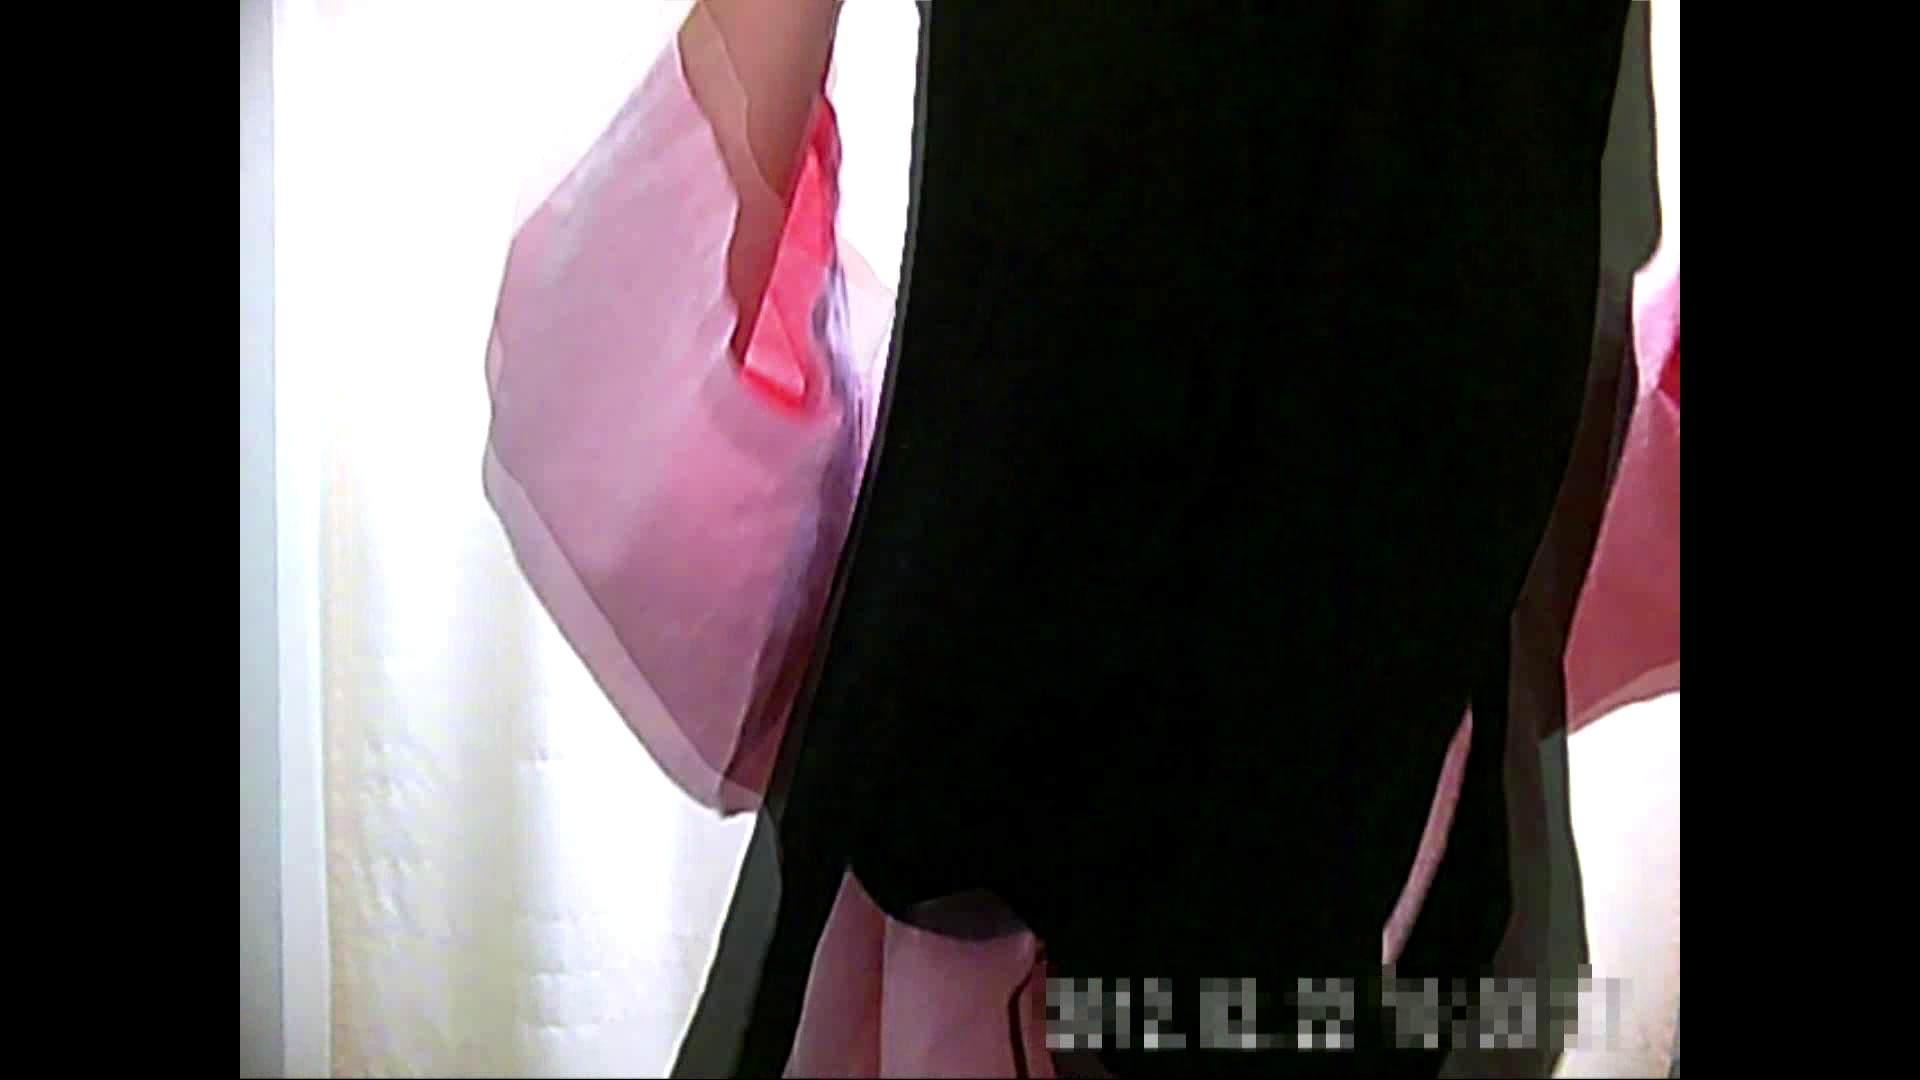 病院おもいっきり着替え! vol.261 巨乳 オマンコ動画キャプチャ 71画像 47